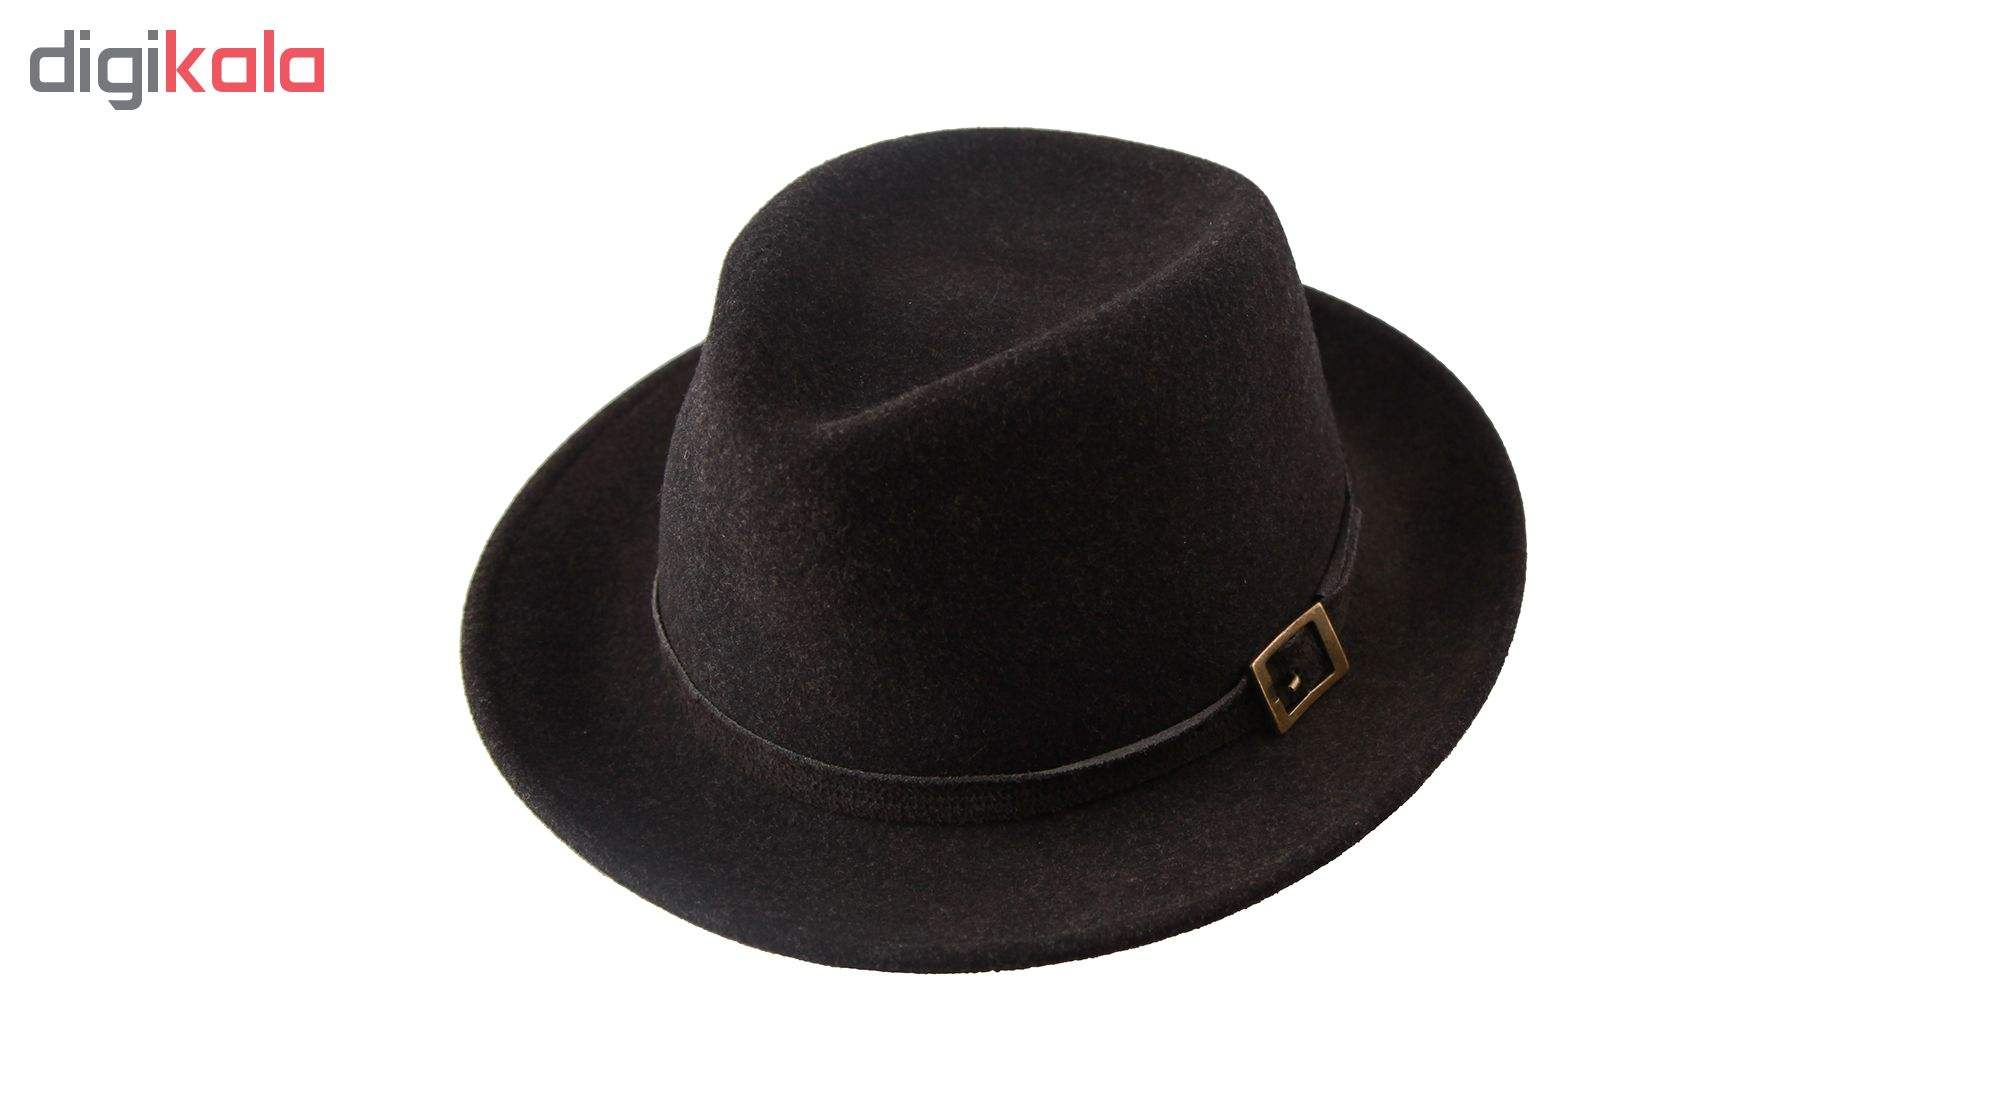 کلاه شاپو مردانه مایزر مدل M201 main 1 1